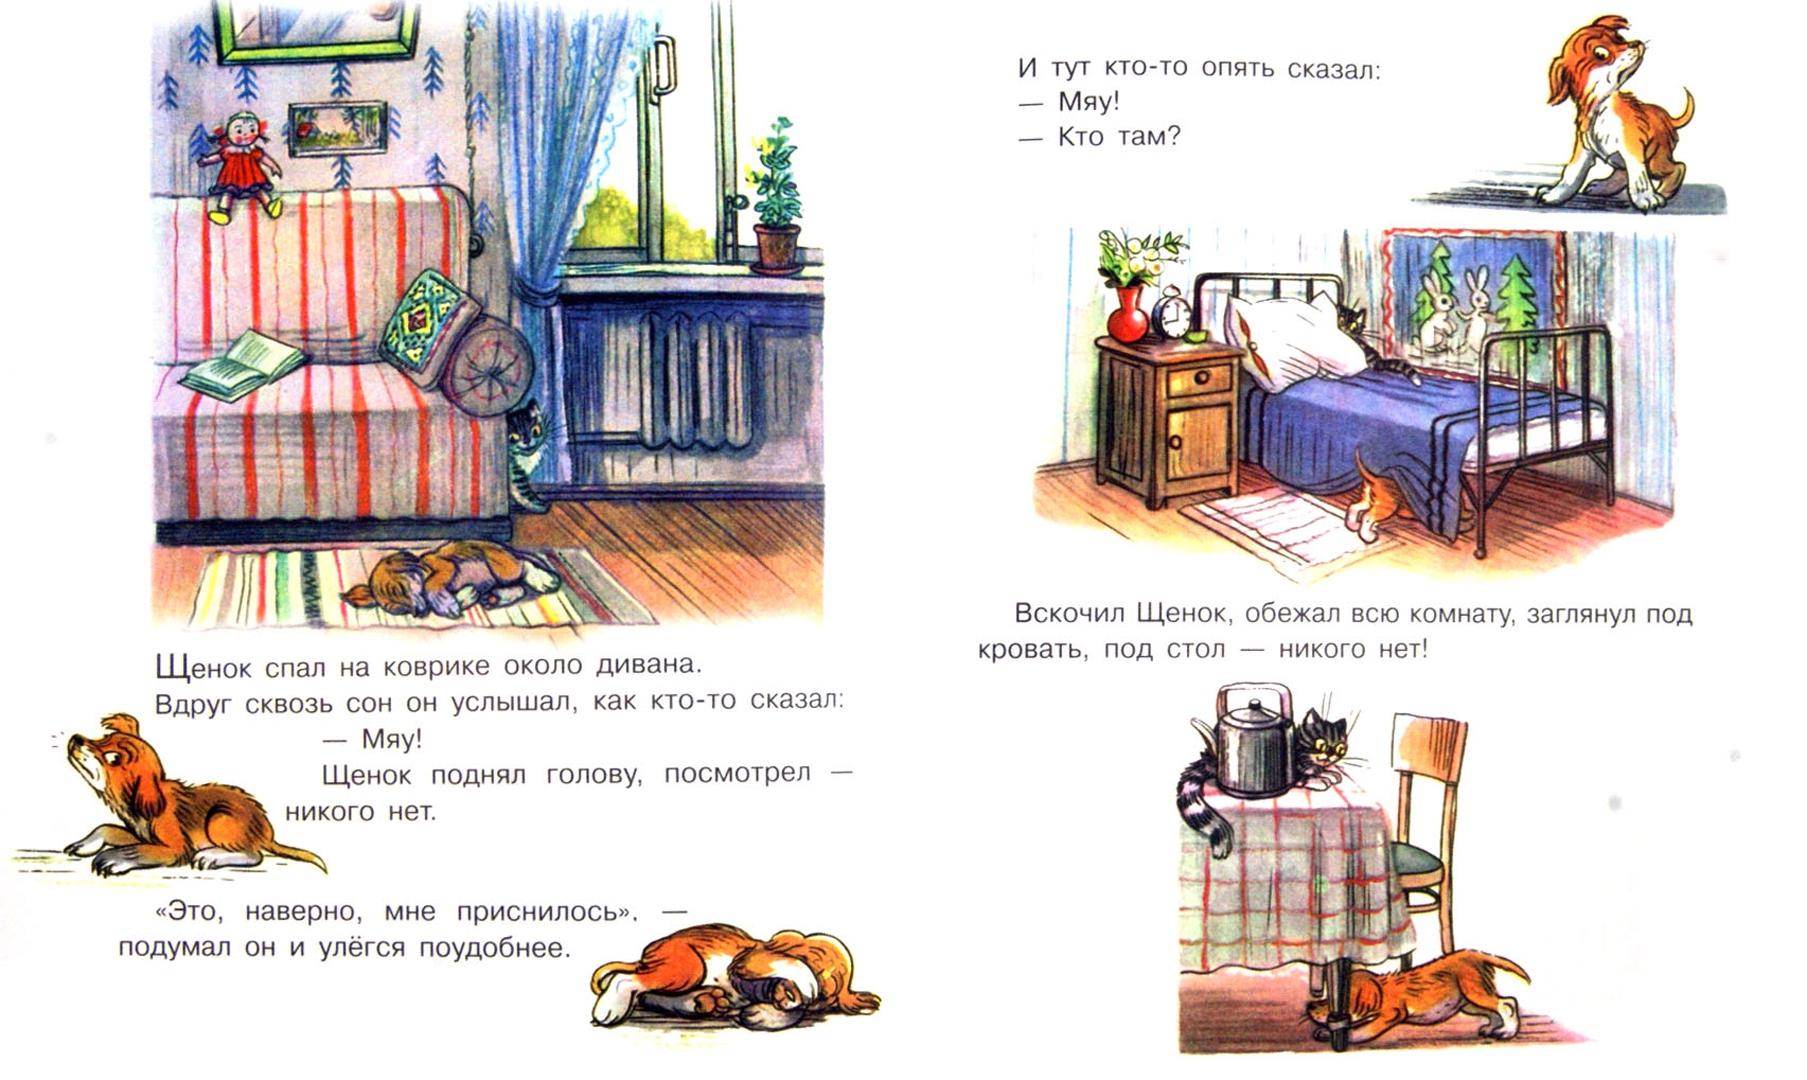 Иллюстрация 1 из 10 для Маленькие приключения - Владимир Сутеев | Лабиринт - книги. Источник: Лабиринт